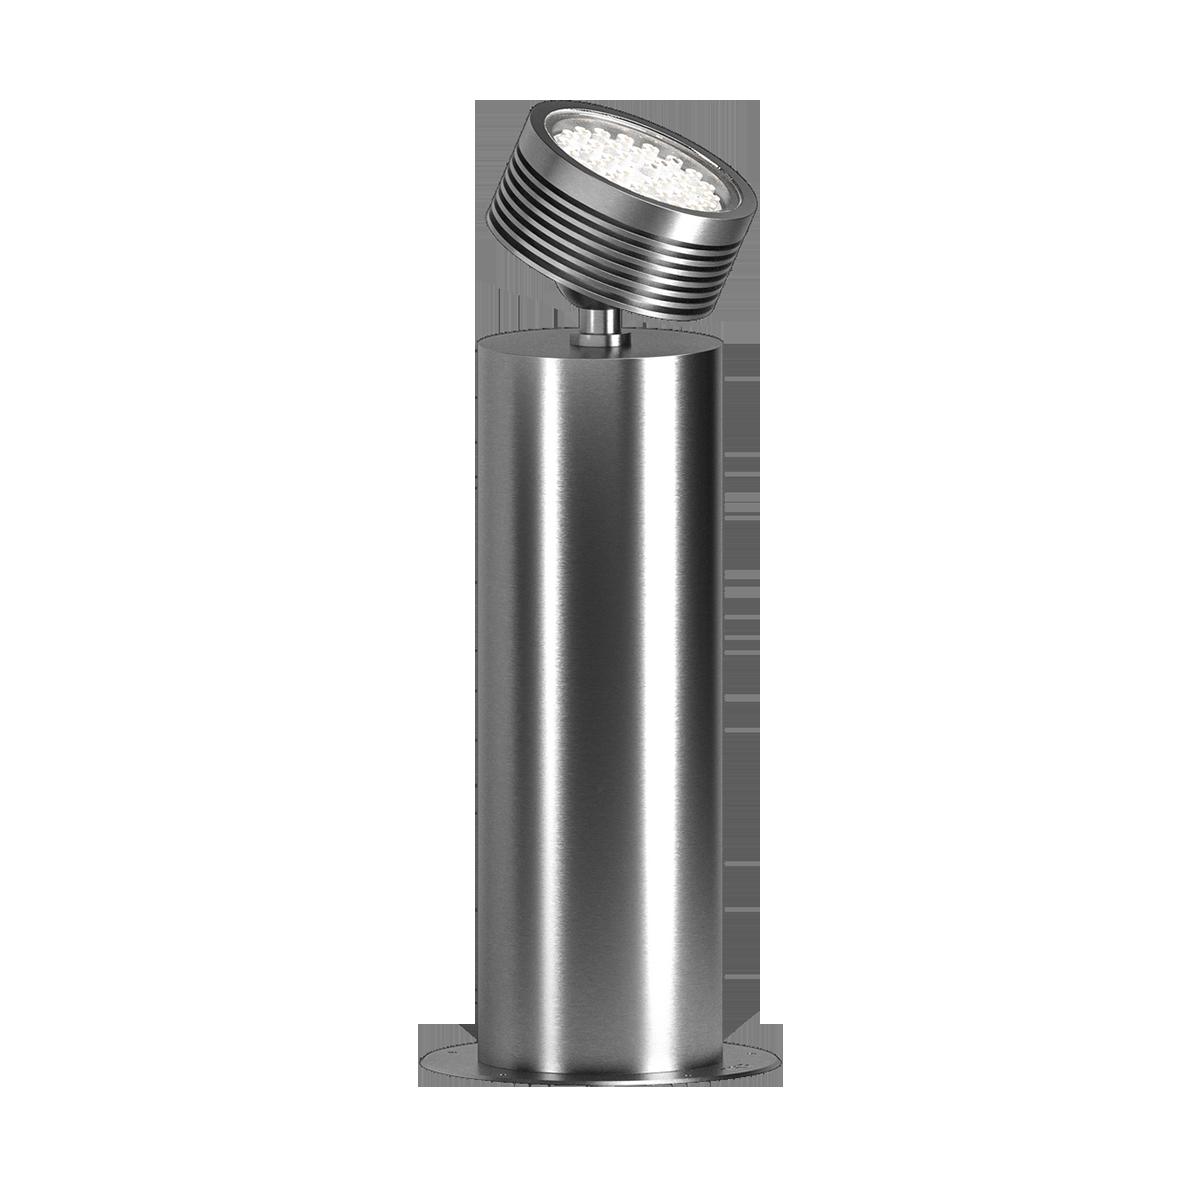 JUPITER 200 - антивандальный парковый светильник для освещения деревьев